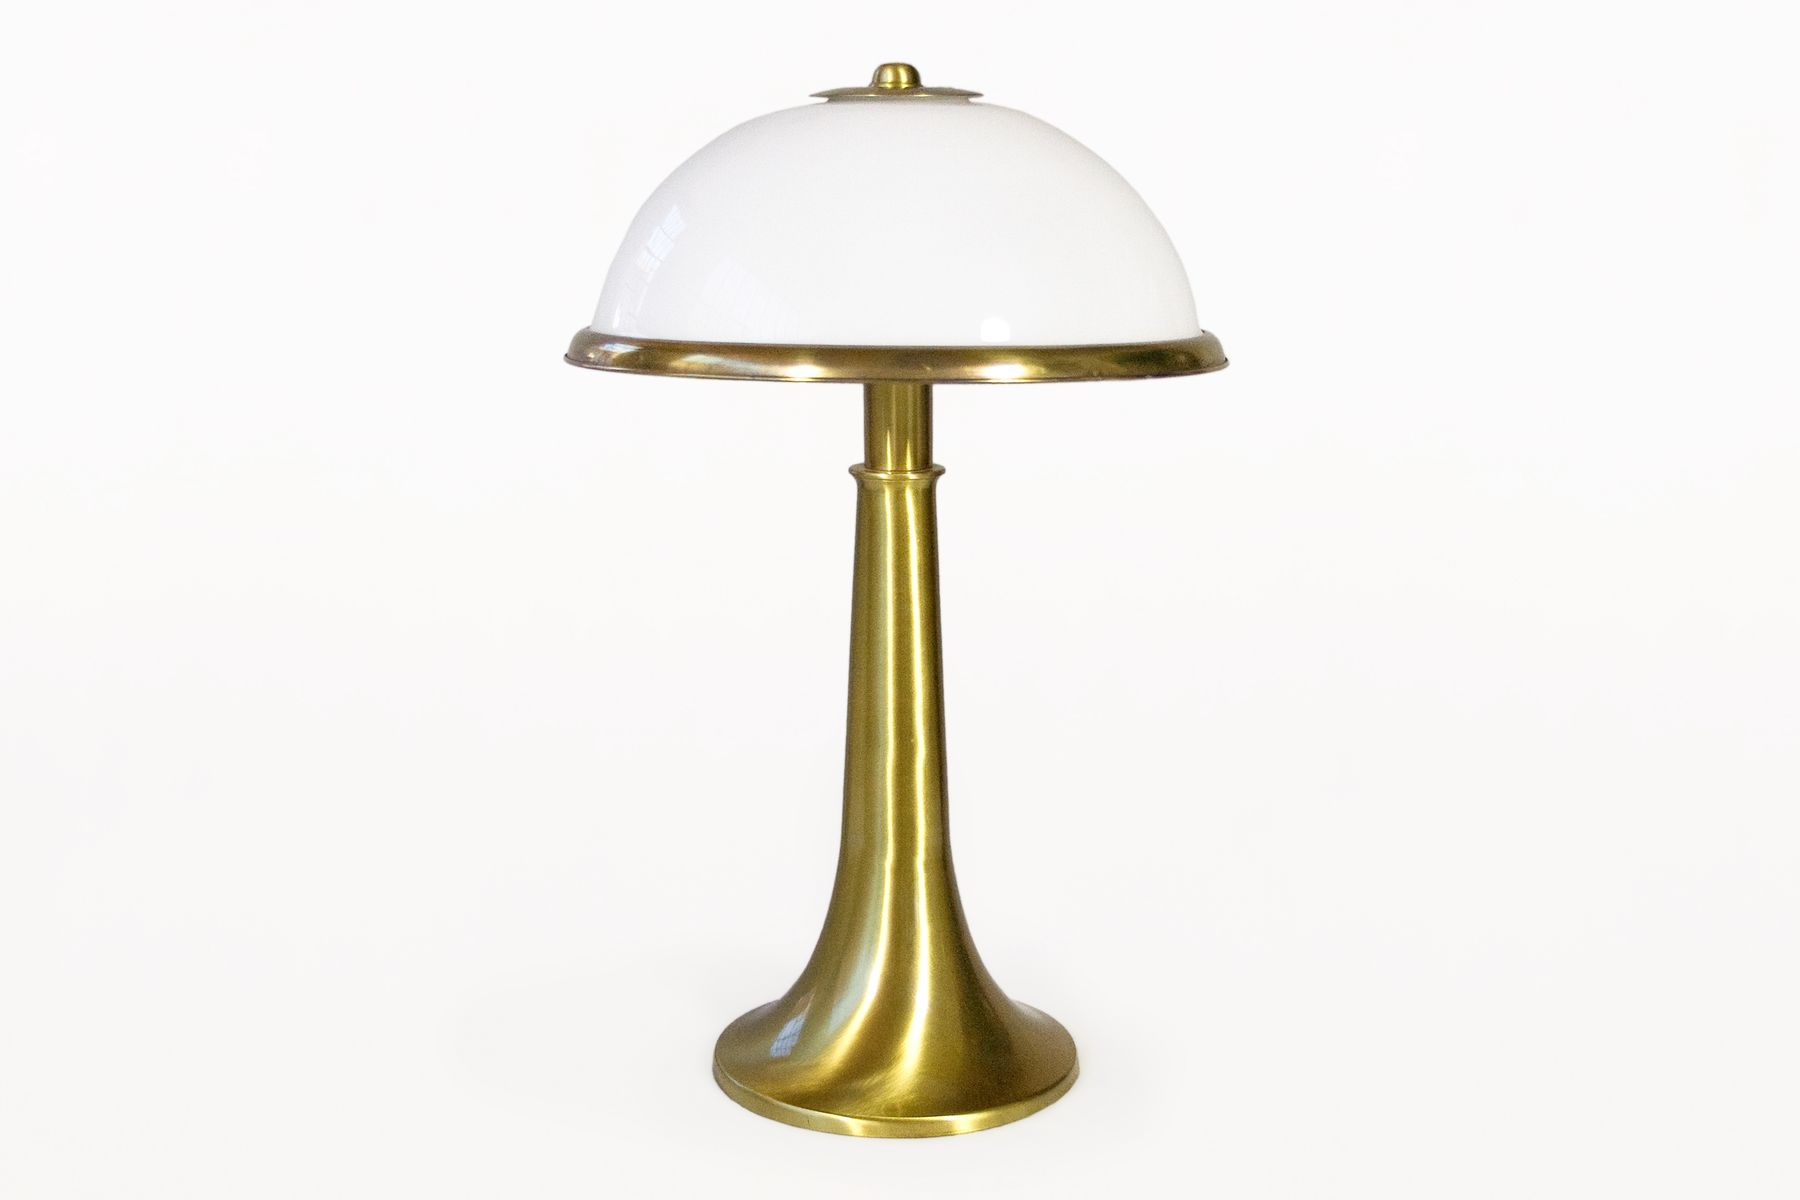 messing tischlampe von gabriella crespi 1970er bei pamono. Black Bedroom Furniture Sets. Home Design Ideas